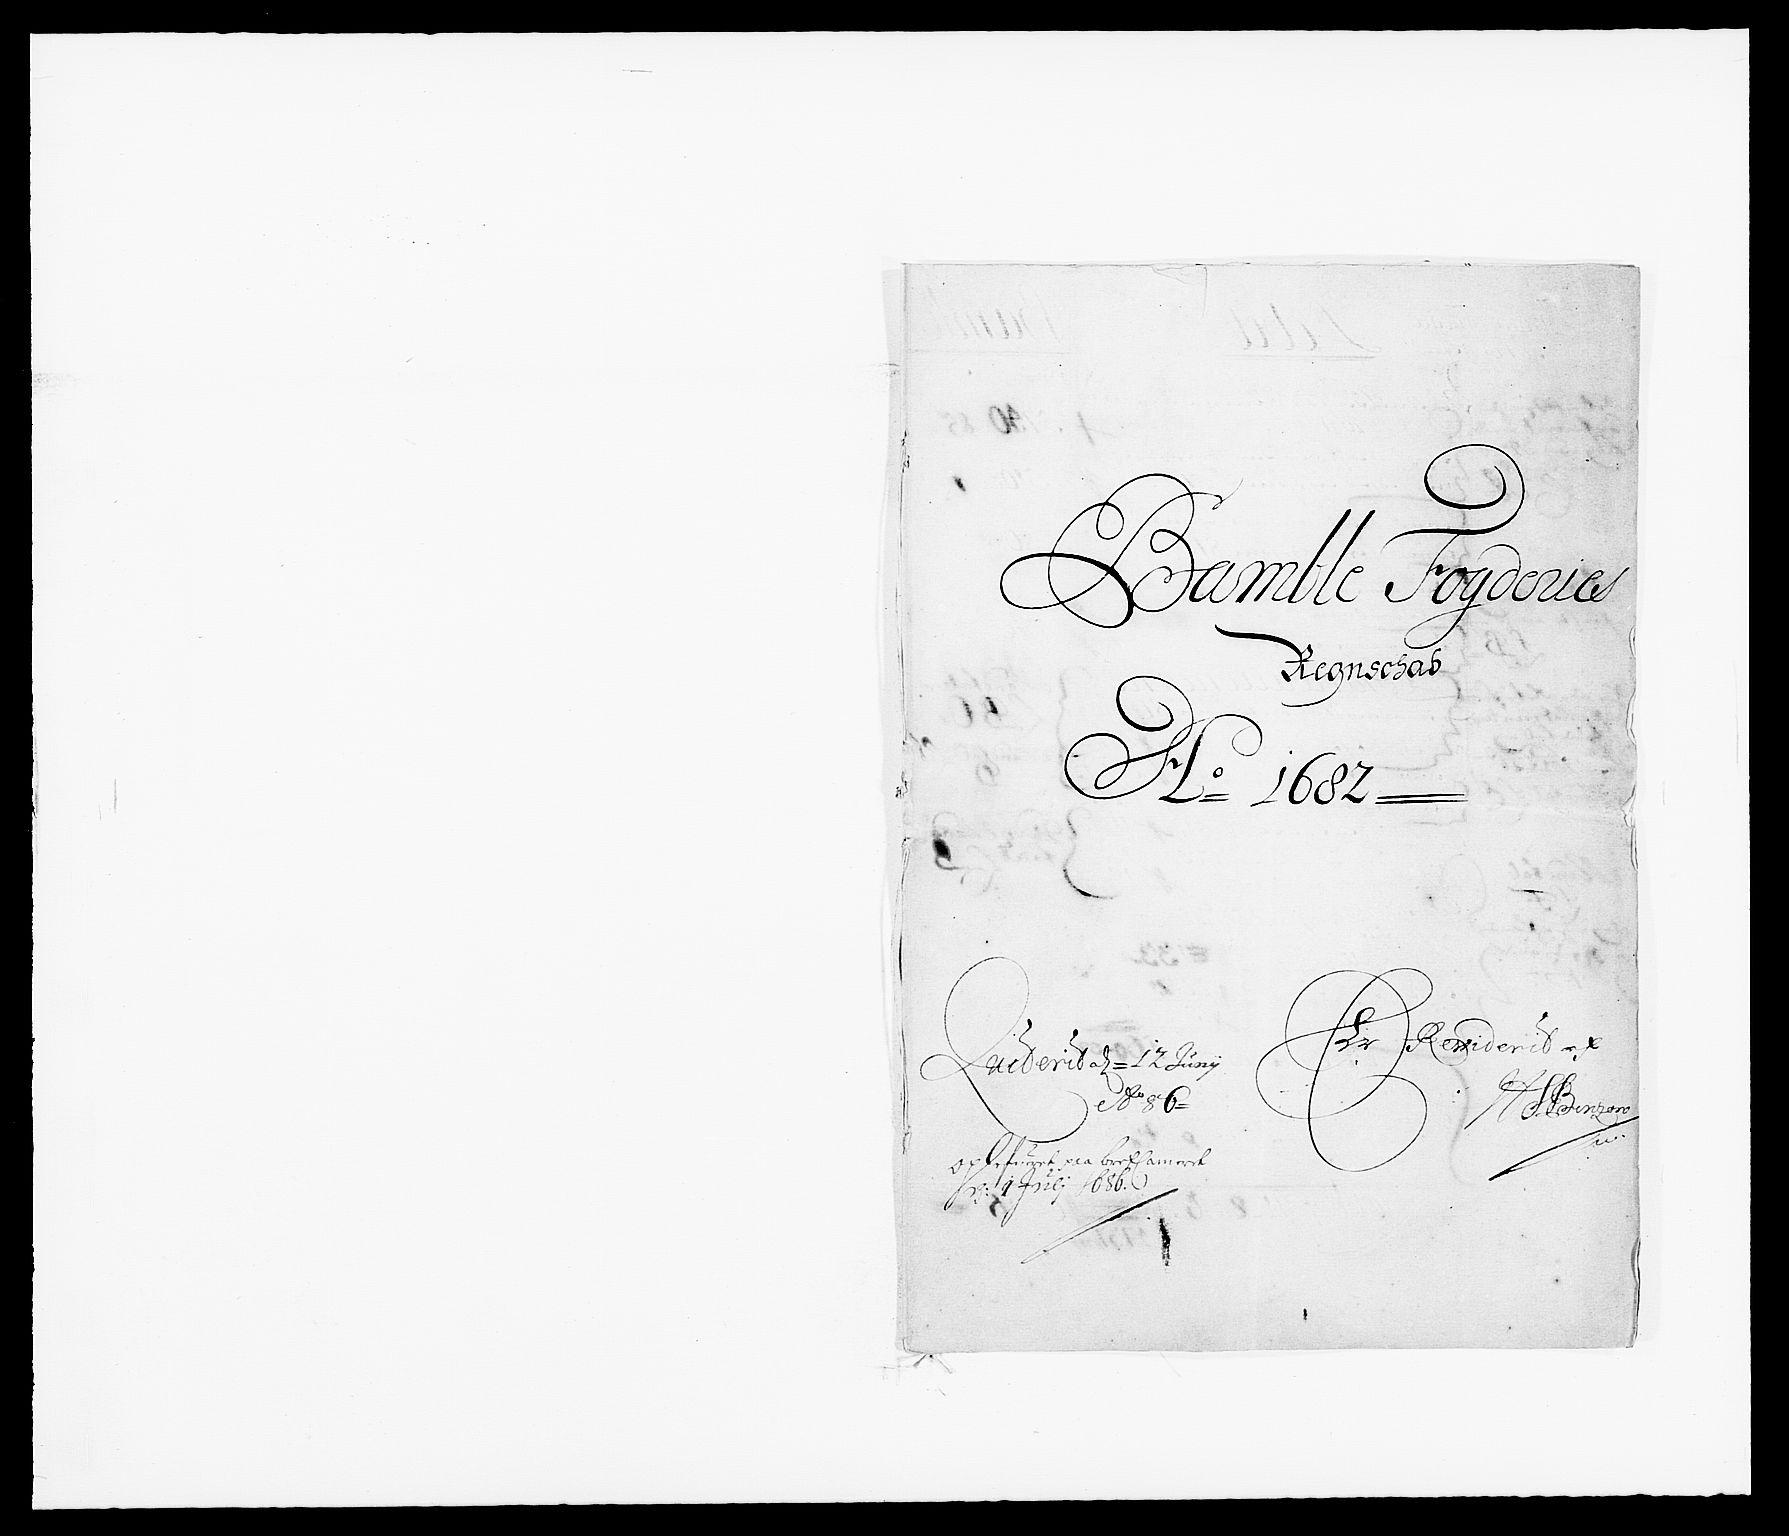 RA, Rentekammeret inntil 1814, Reviderte regnskaper, Fogderegnskap, R34/L2046: Fogderegnskap Bamble, 1682-1683, s. 1